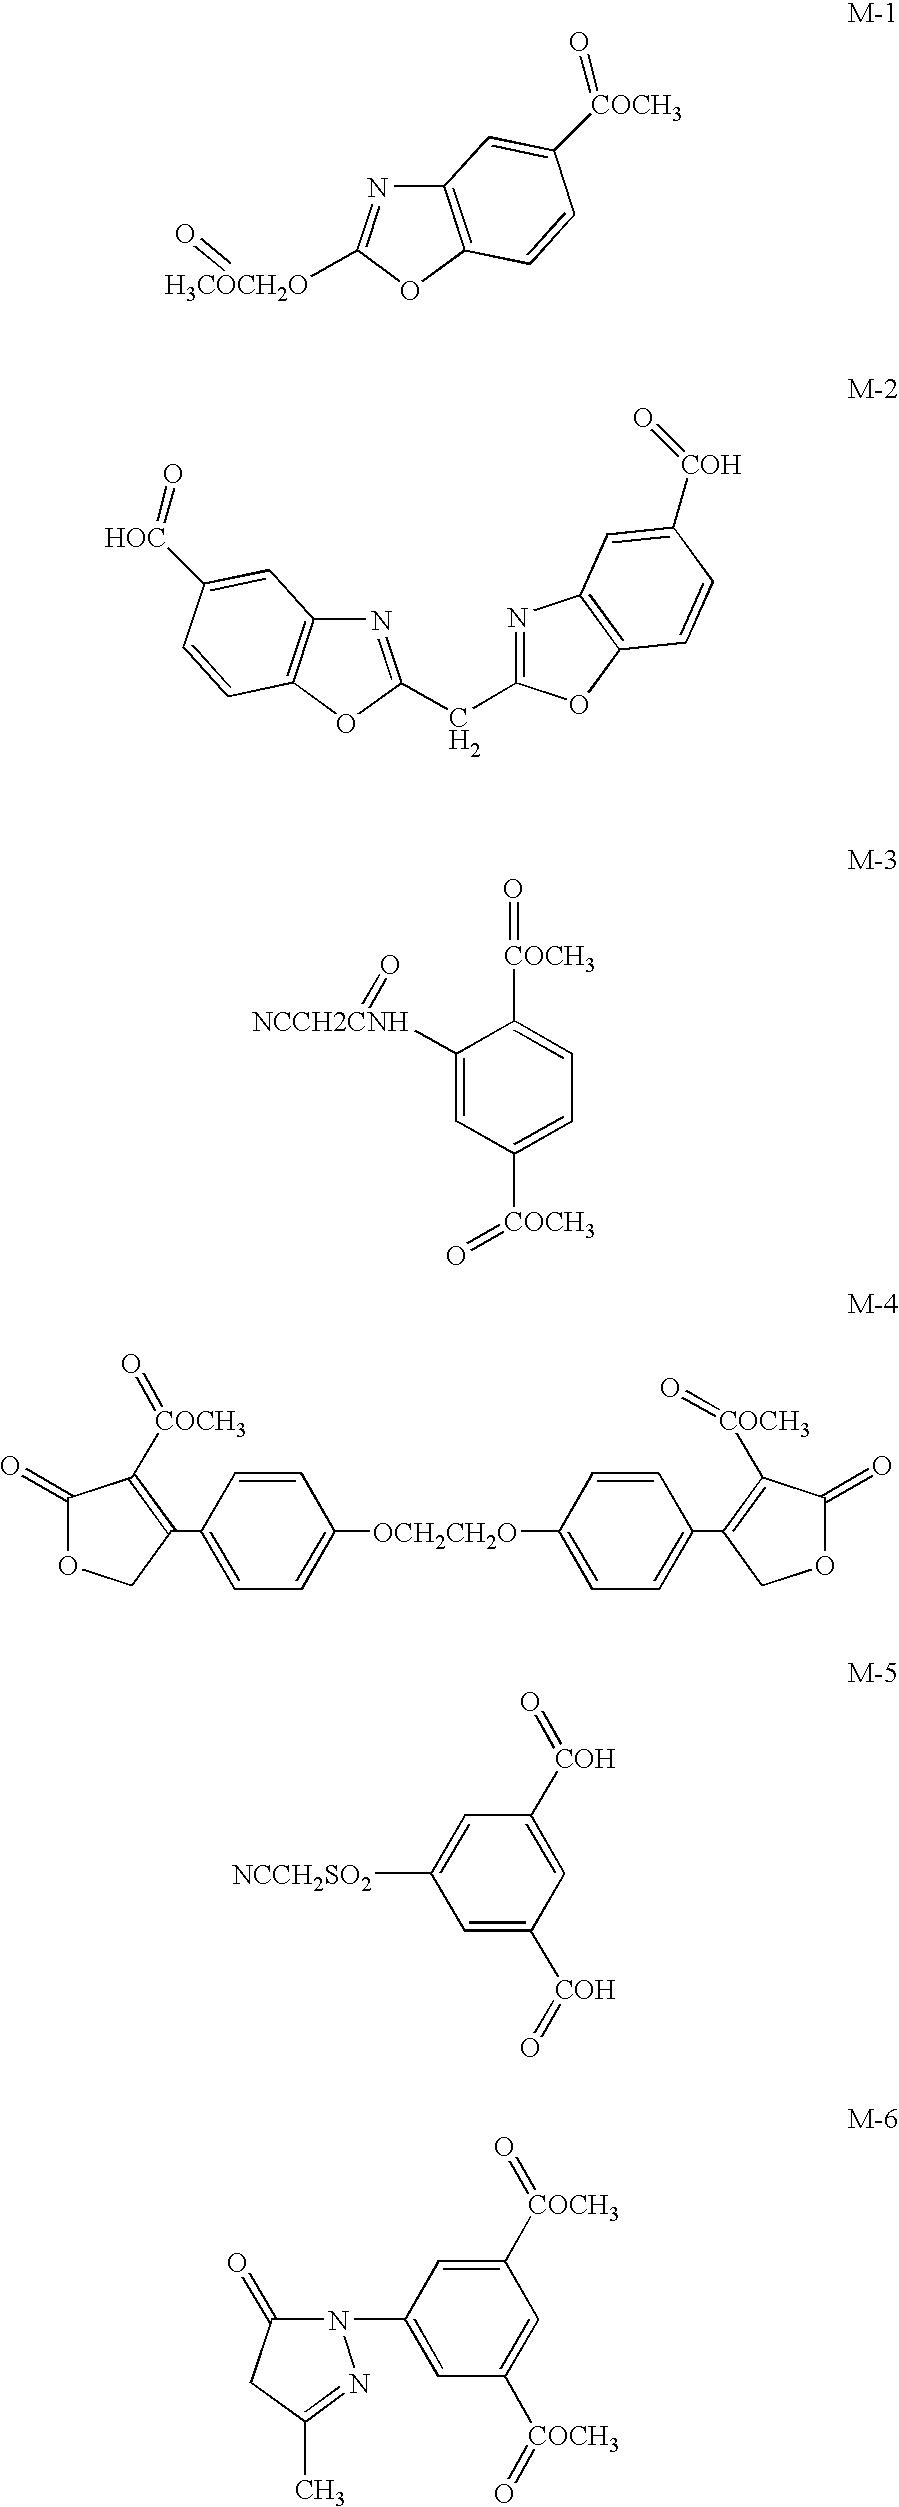 Figure US20070287822A1-20071213-C00017